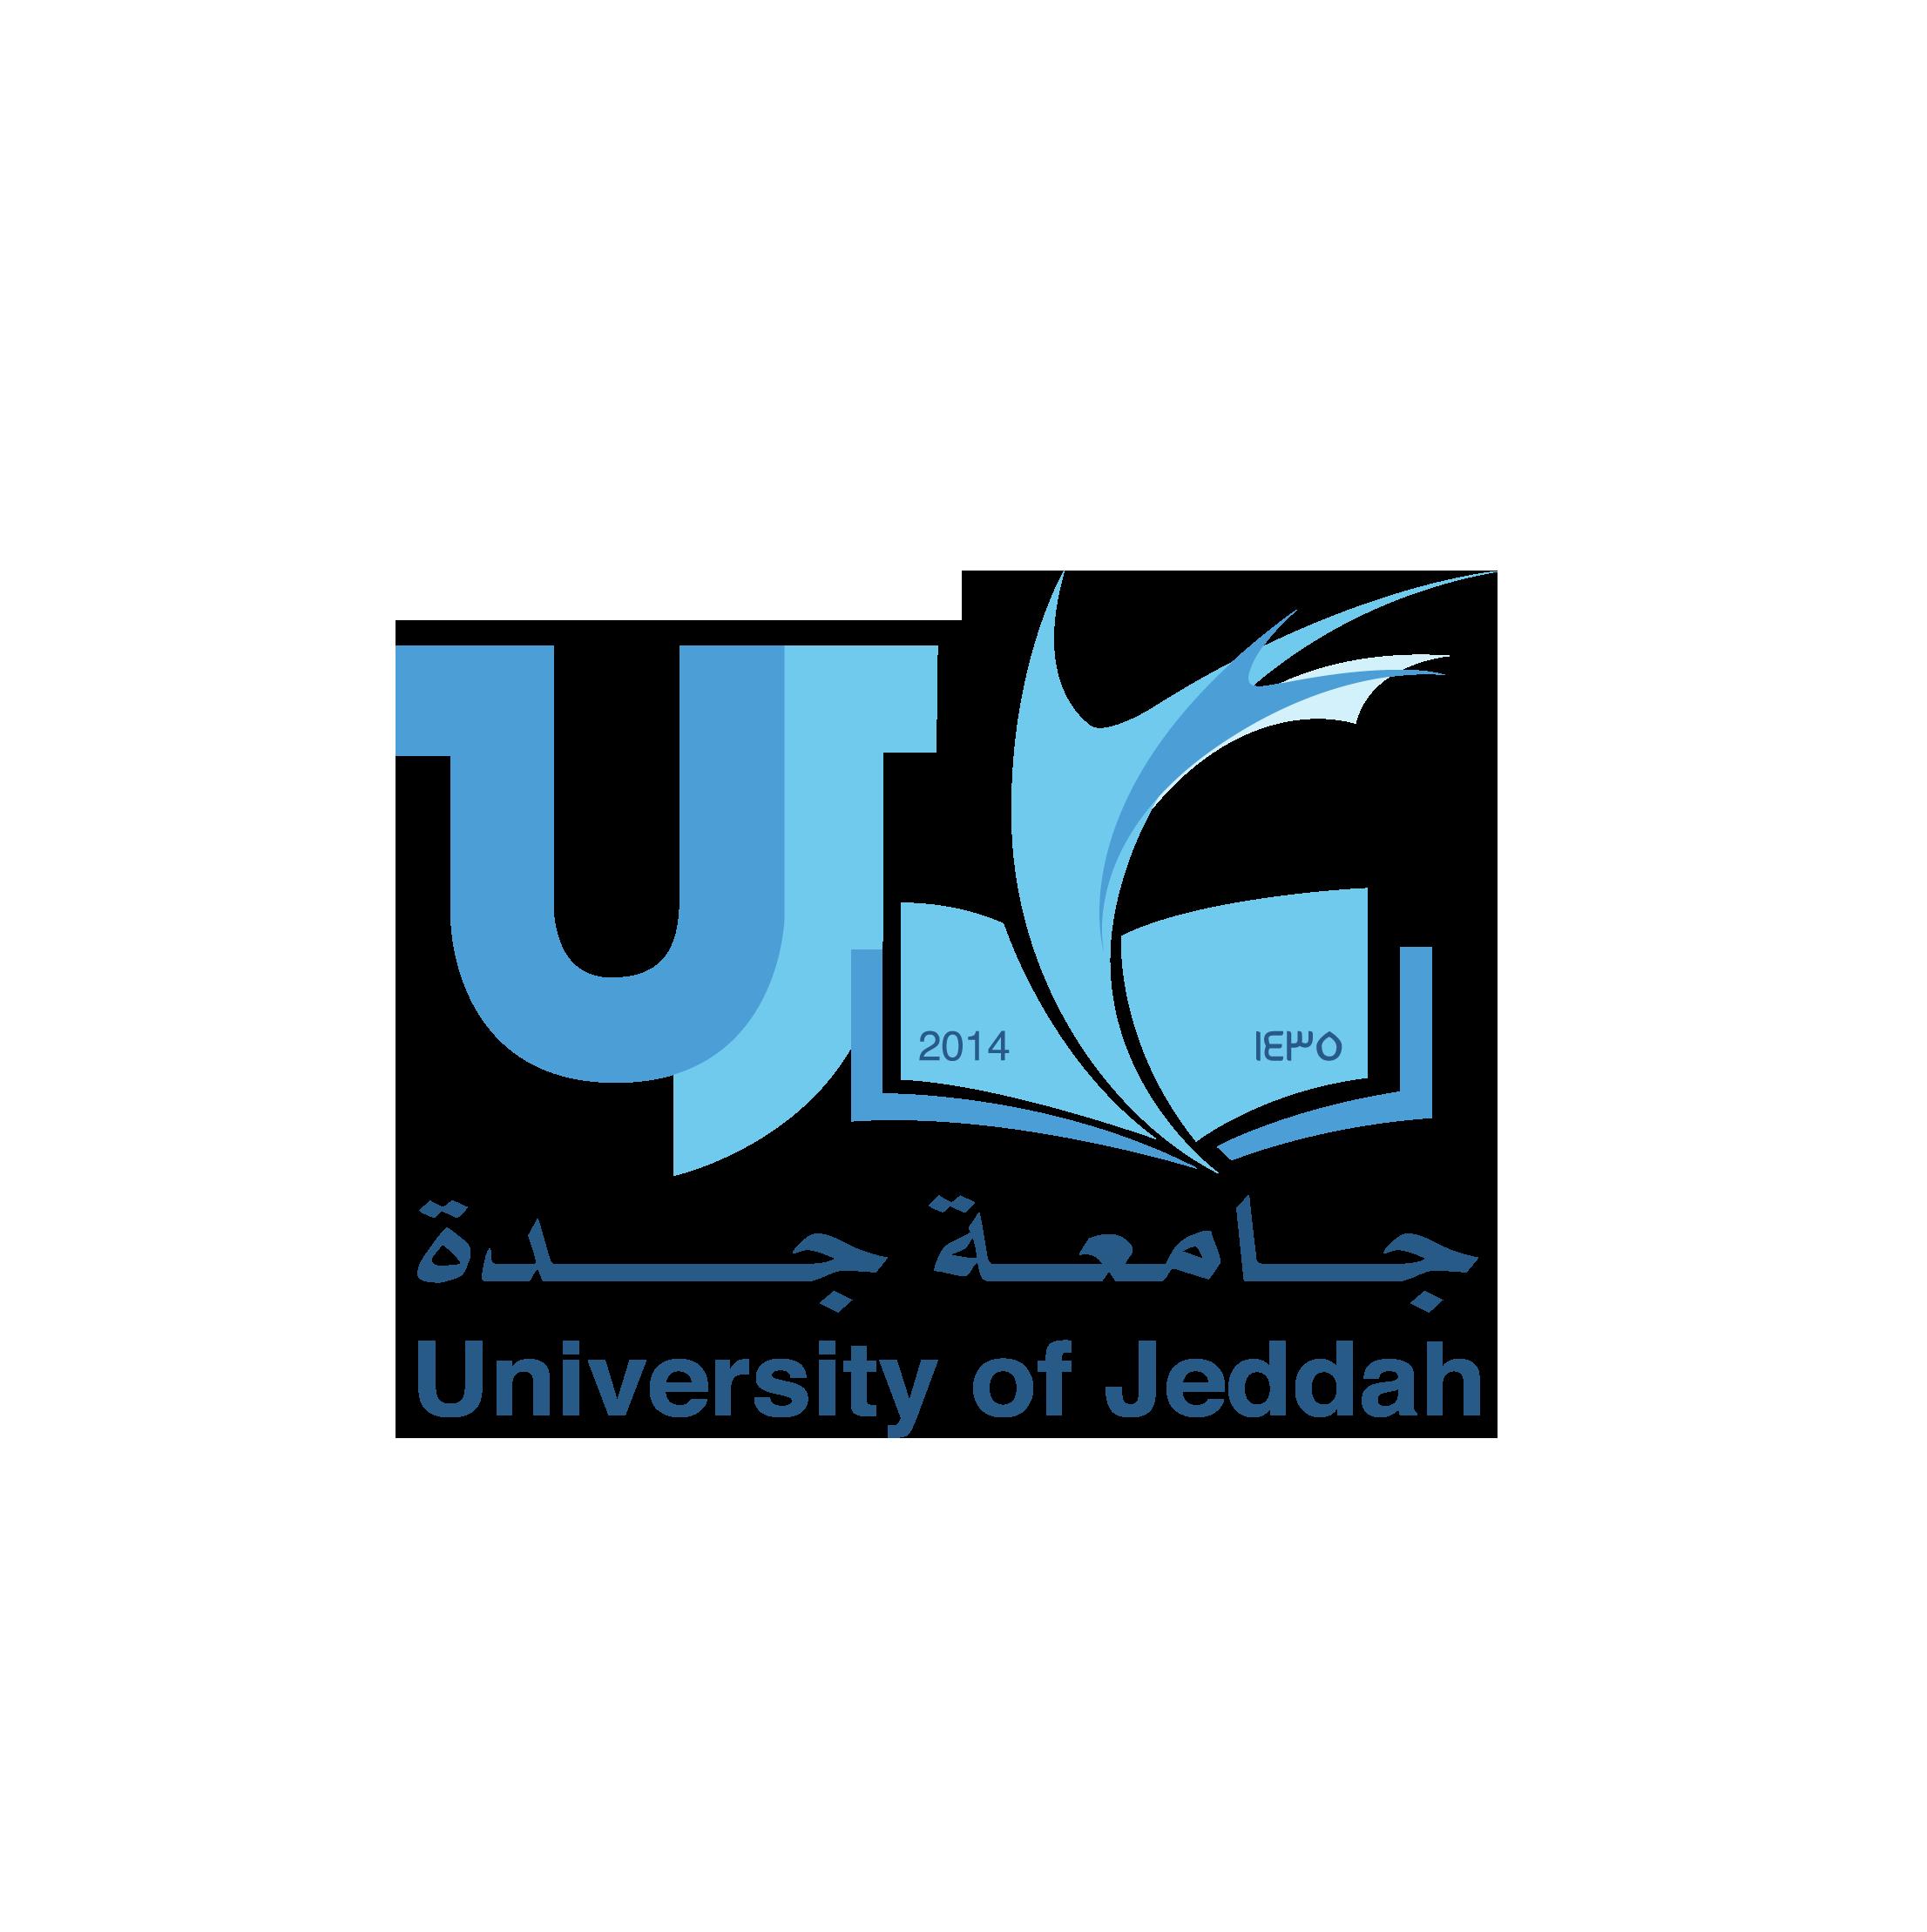 جامعة جدة جامعة جدة تعلن استمرار استقبال طلبات الترشيح لبرنامج التسجيل المزدوج حتى 12 ديسمبر وآلياته